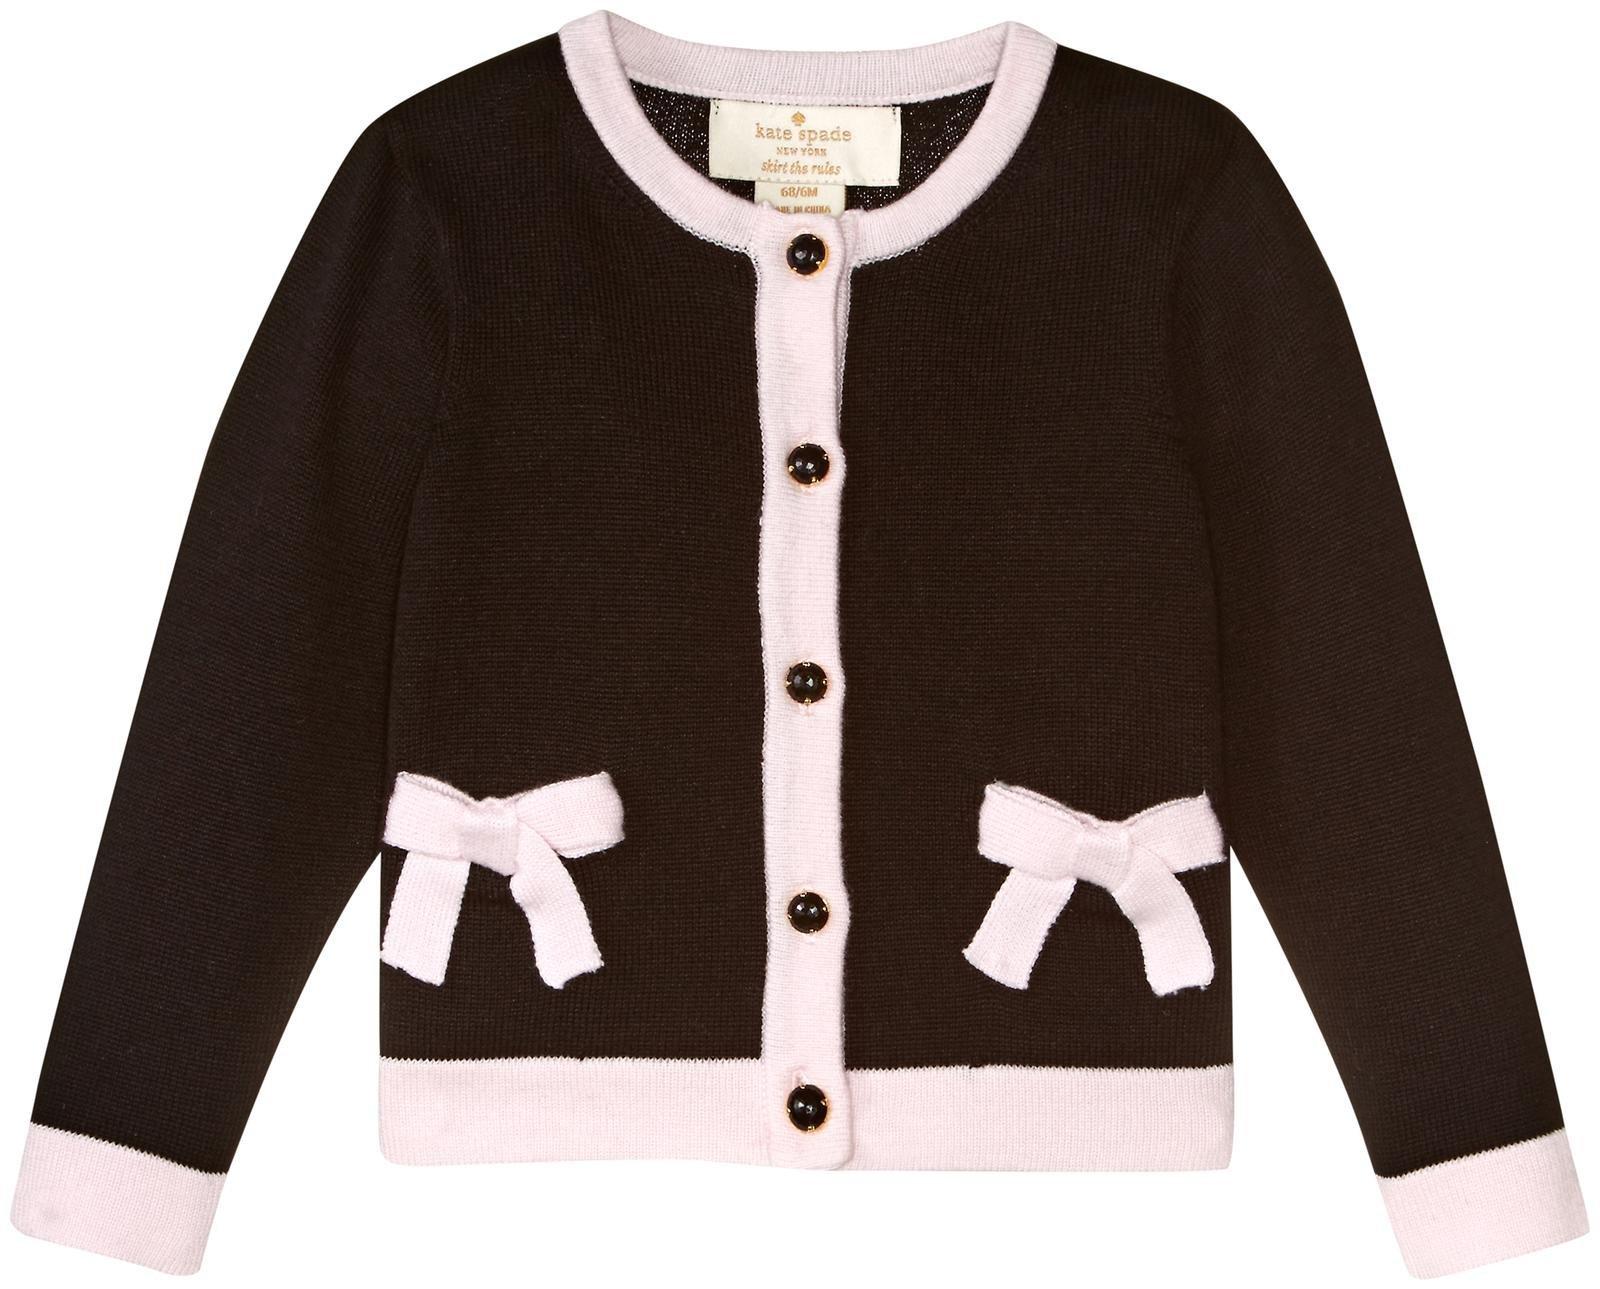 Kate Spade New York Girls' Toddlers' Pocket Cardigan, Black, 6